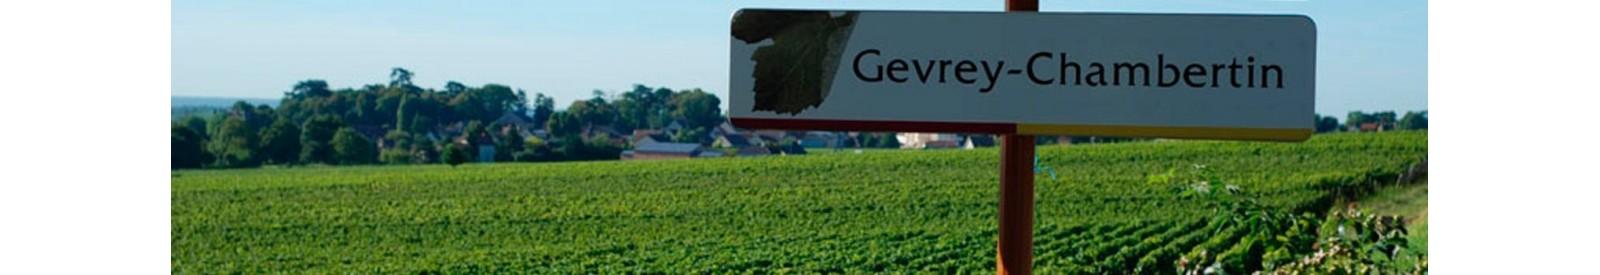 Domaine Tortochot - Gevrey-Chambertin – Vin Bio